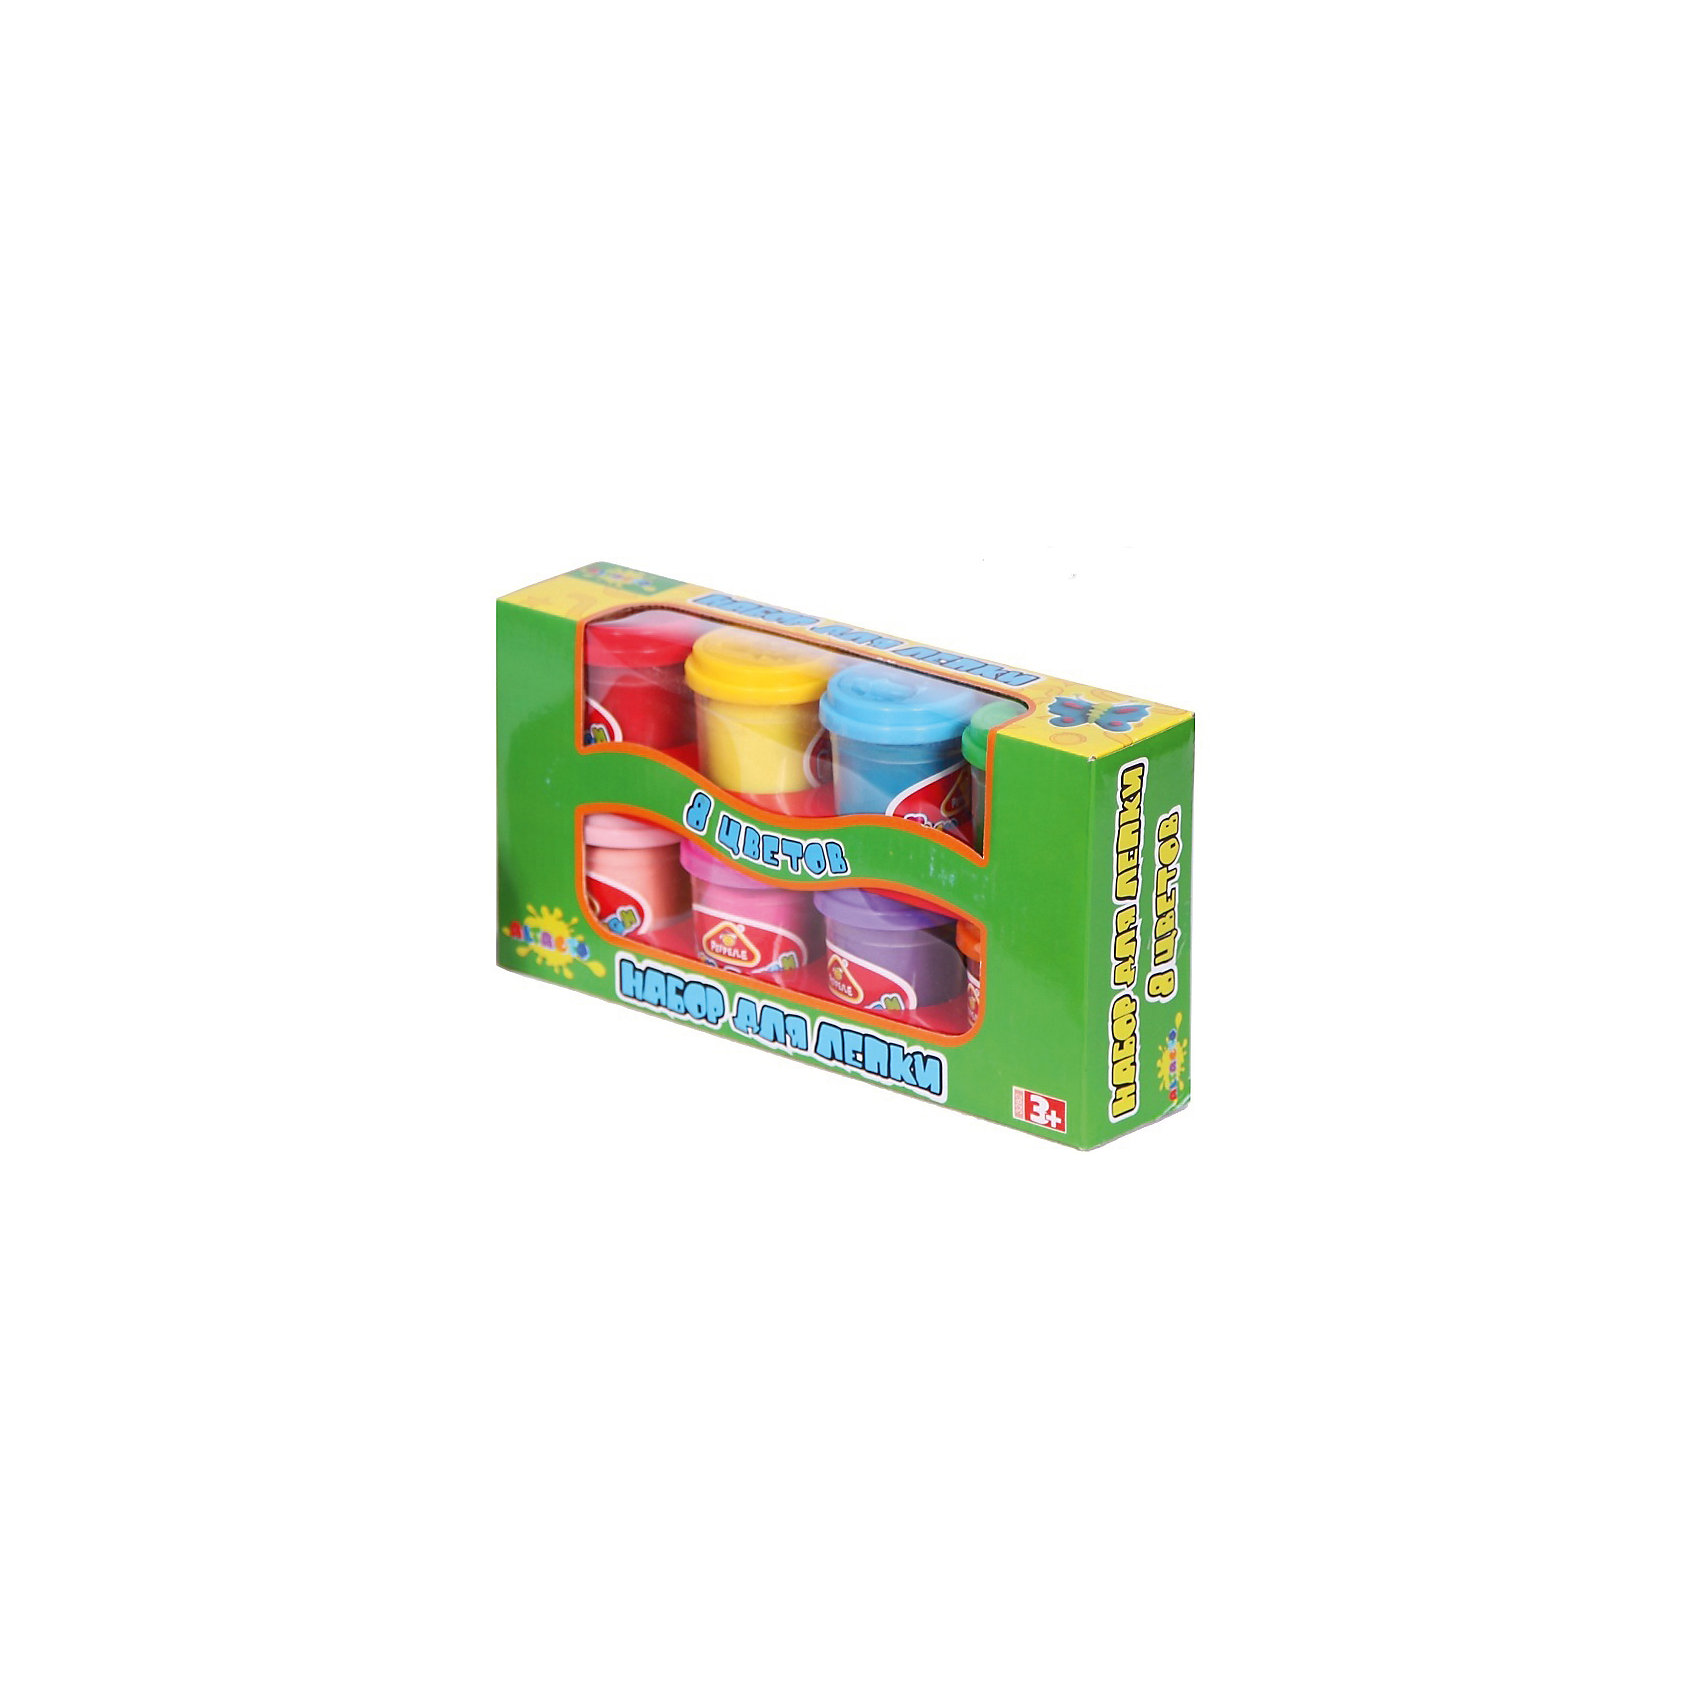 Масса для лепки , 8 цветовНаборы для лепки<br>Целых восемь ярких оттенков цветов - оптимальный из вариантов выбор набора для лепки, благодаря которому ребёнок создаст себе новые игрушки!<br>Консистенция состава для лепки приятна ощупь, практична в использовании и не пачкает ручки деткам. Материал набора не содержит химических красителей - раздражителей и абсолютно безопасен для детского здоровья.<br><br>Лепка развивает воображение, творческие способности ребёнка и мелкую моторику рук.<br><br>Дополнительная информация:<br><br>- Материал: натуральный состав для лепки, пластик.<br>- Возраст ребёнка: от 3 до 6 лет.<br>- В наборе: 8 баночек массы для лепки по 56,7 гр.<br>- Состав массы для лепки: вода, мука пшеничная, ванильный экстракт, белый вазелин, хлористый натрий (соль), консервант (сорбат калия), хлорид кальция, пигмент цвета.<br>- Размер упаковки: 24,5x13x5,5 см.<br><br>Купить массу для лепки можно в нашем магазине.<br><br>Ширина мм: 245<br>Глубина мм: 130<br>Высота мм: 55<br>Вес г: 688<br>Возраст от месяцев: 36<br>Возраст до месяцев: 72<br>Пол: Унисекс<br>Возраст: Детский<br>SKU: 4753810